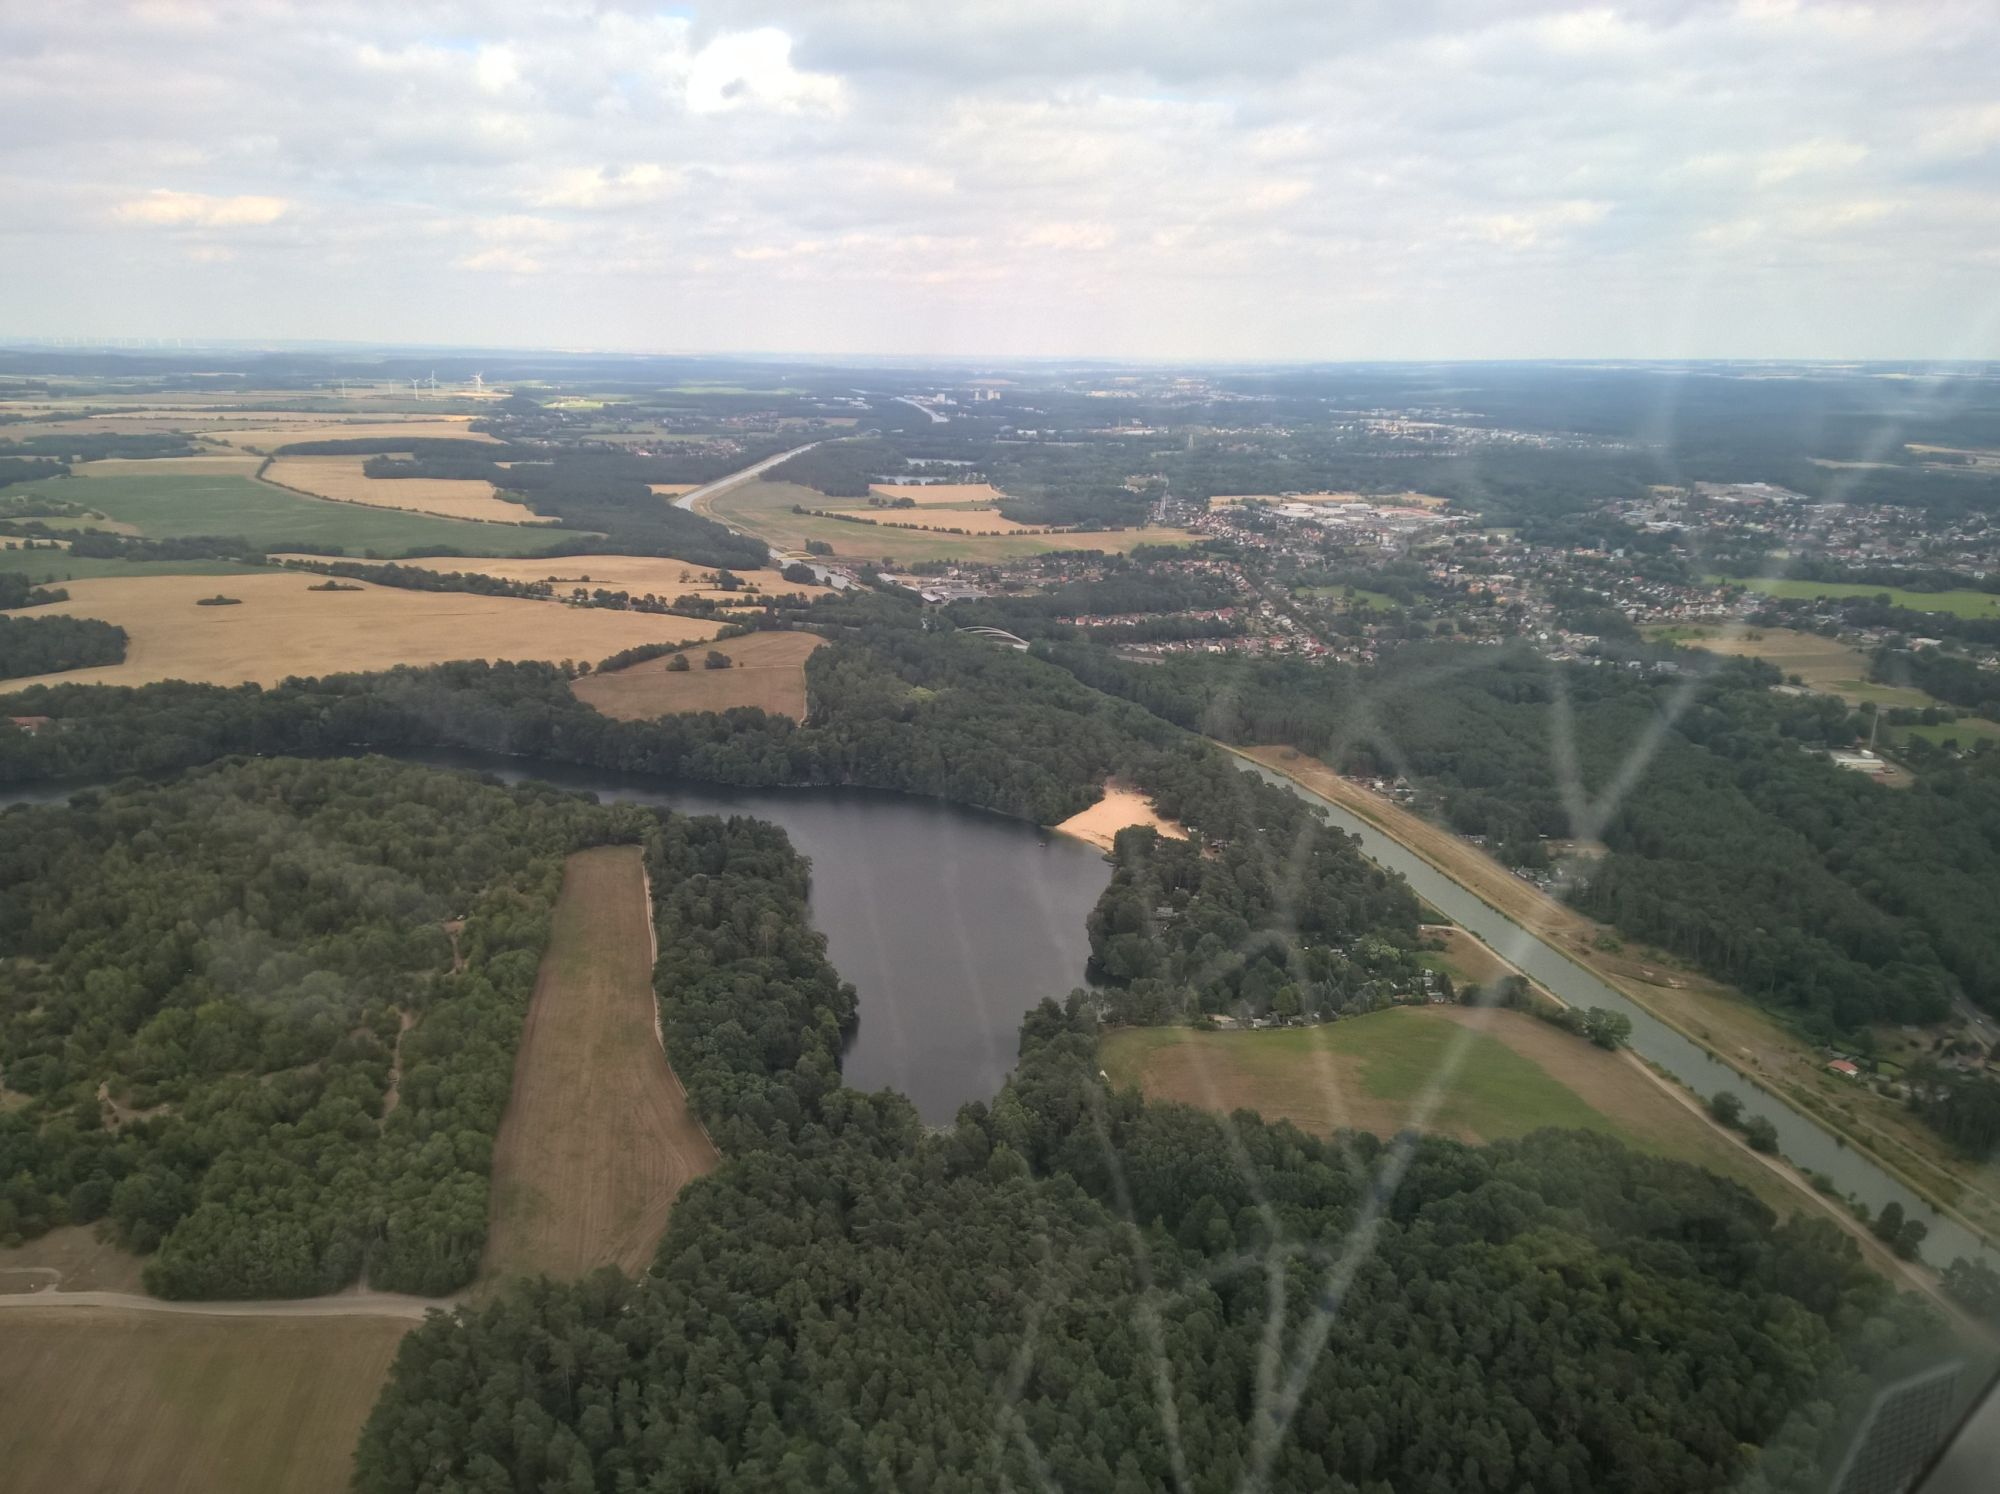 Stabile Konstruktion 1 280 Gest Erntefest Apfelbaumzweig Zielstrebig Lettland Nr